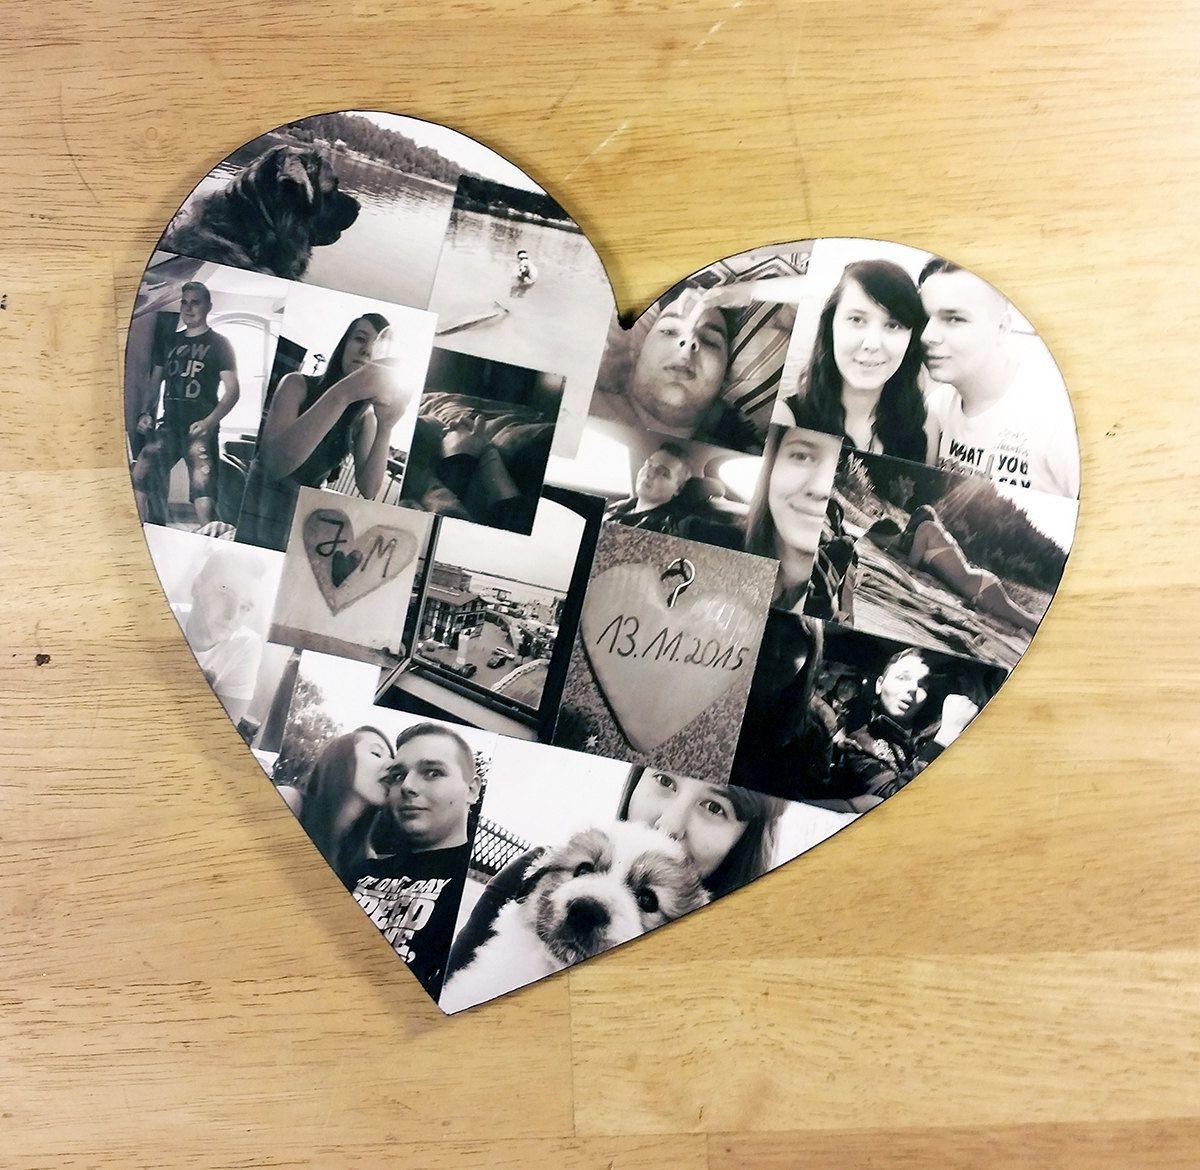 Коллаж совместных фото в виде сердца